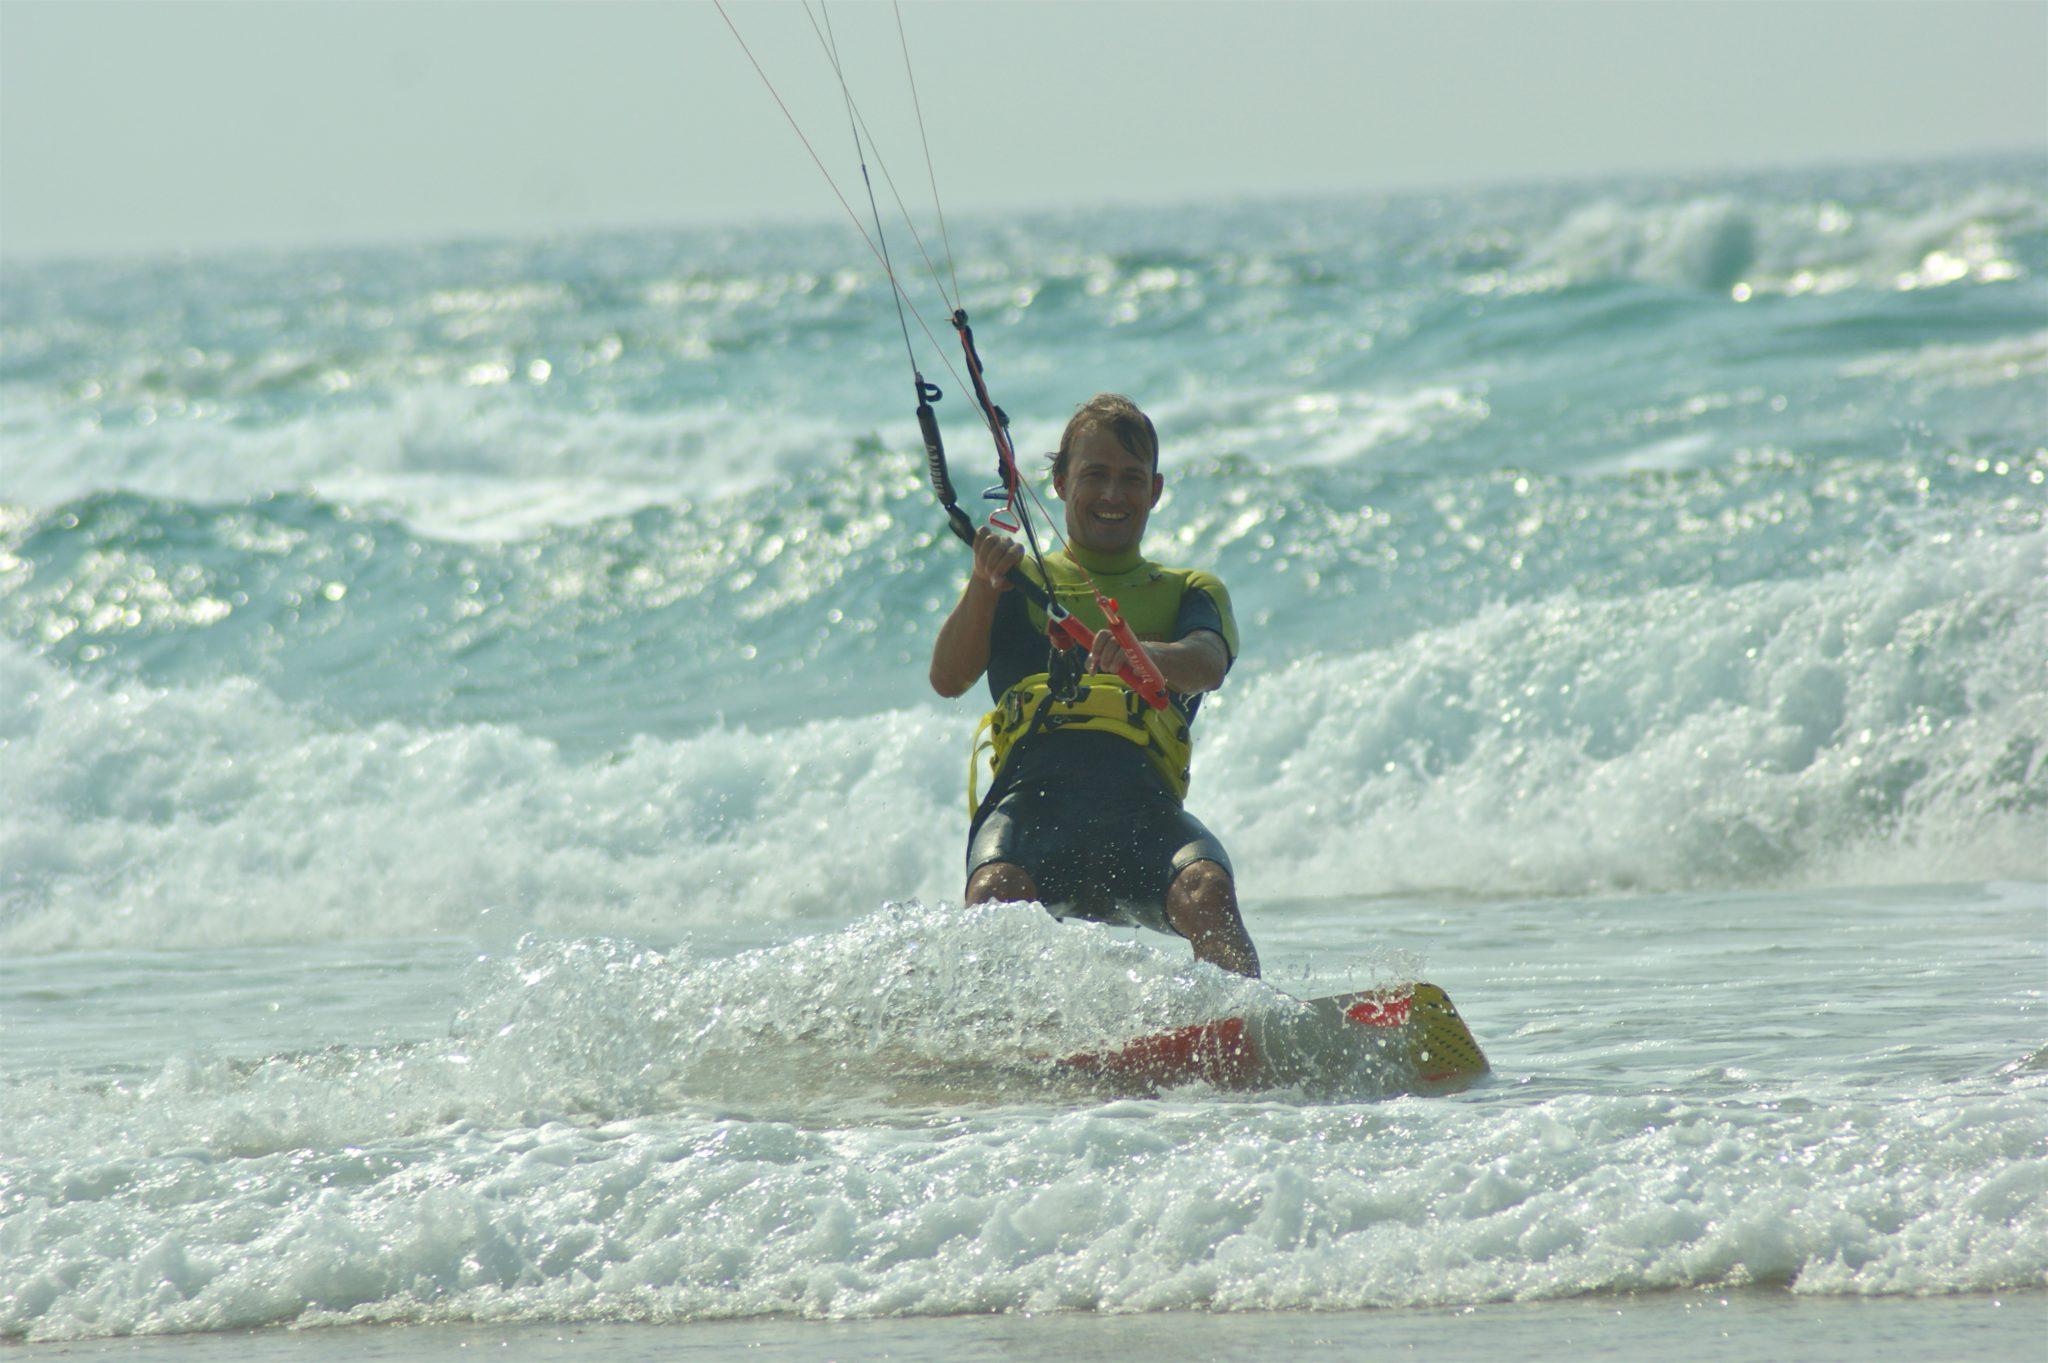 Wave kitesurfing Algarve